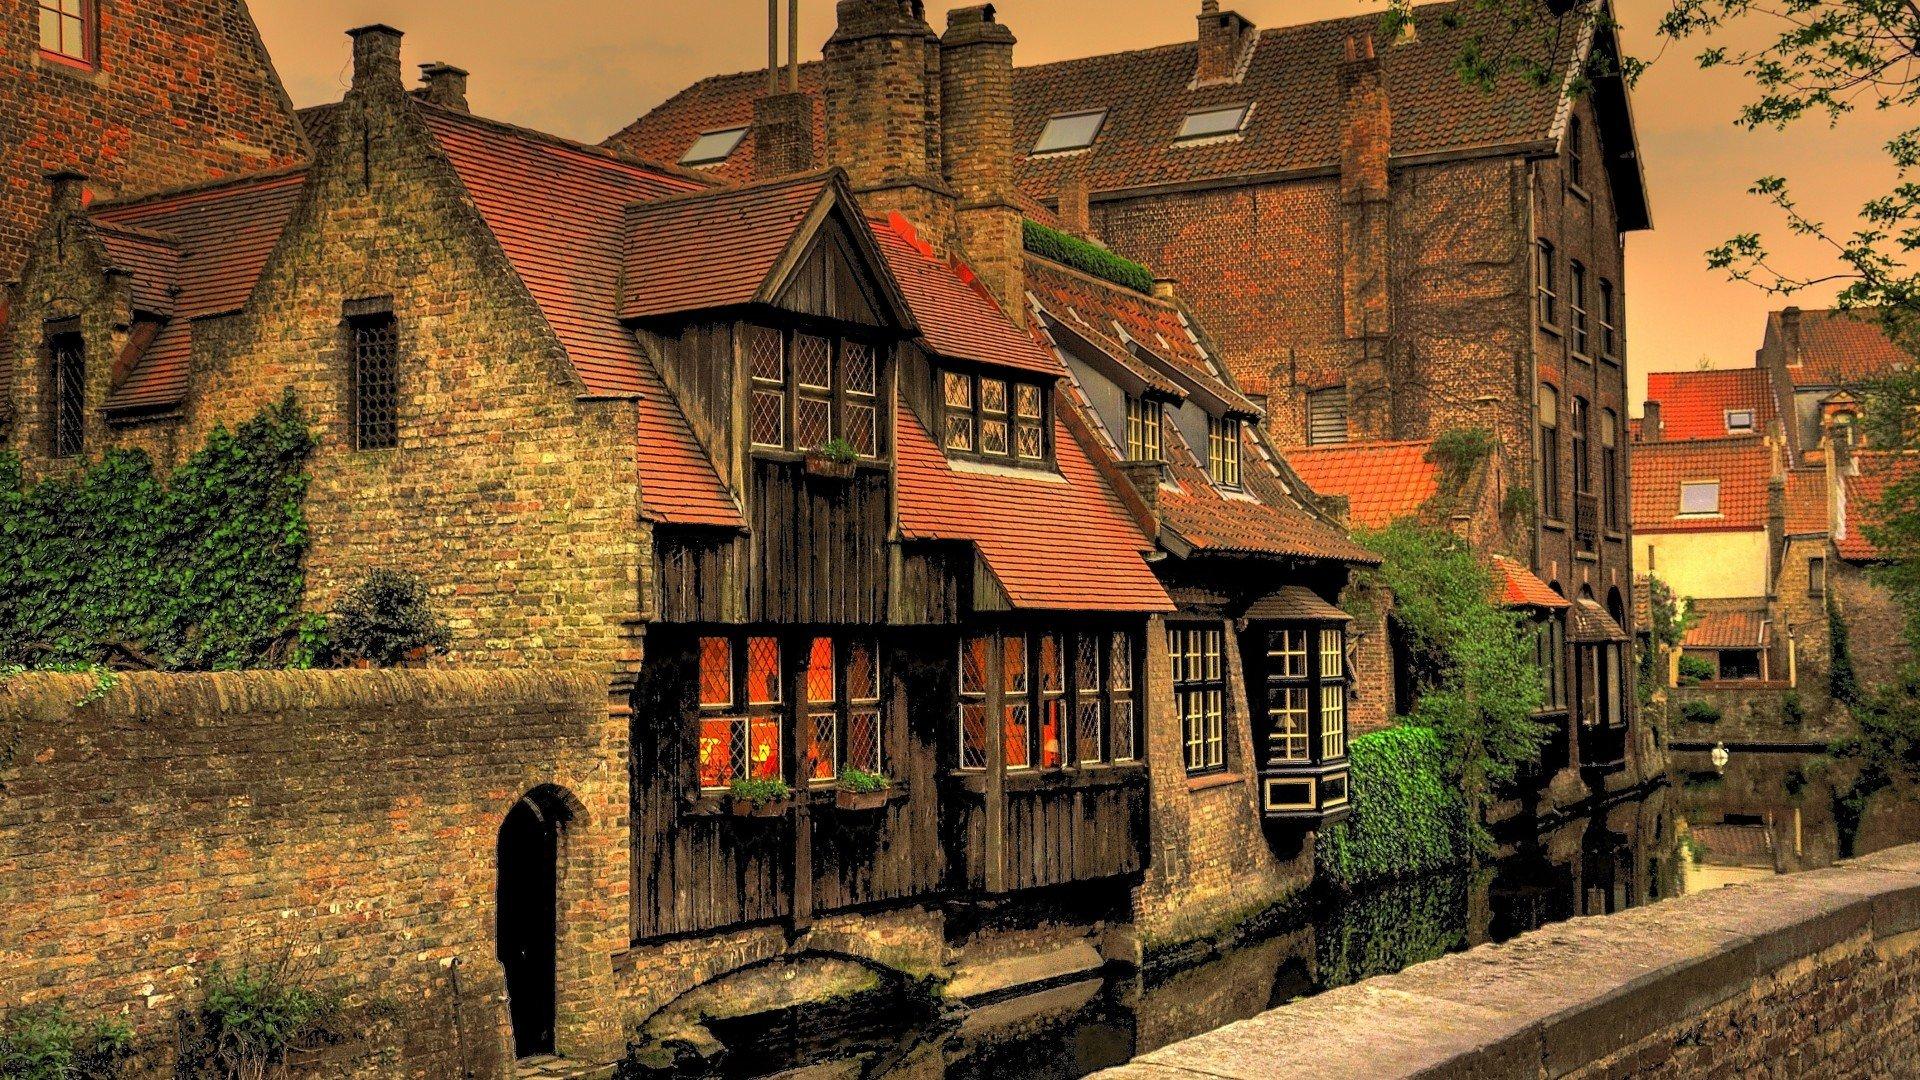 Bruges HD wallpaper 1920x1080